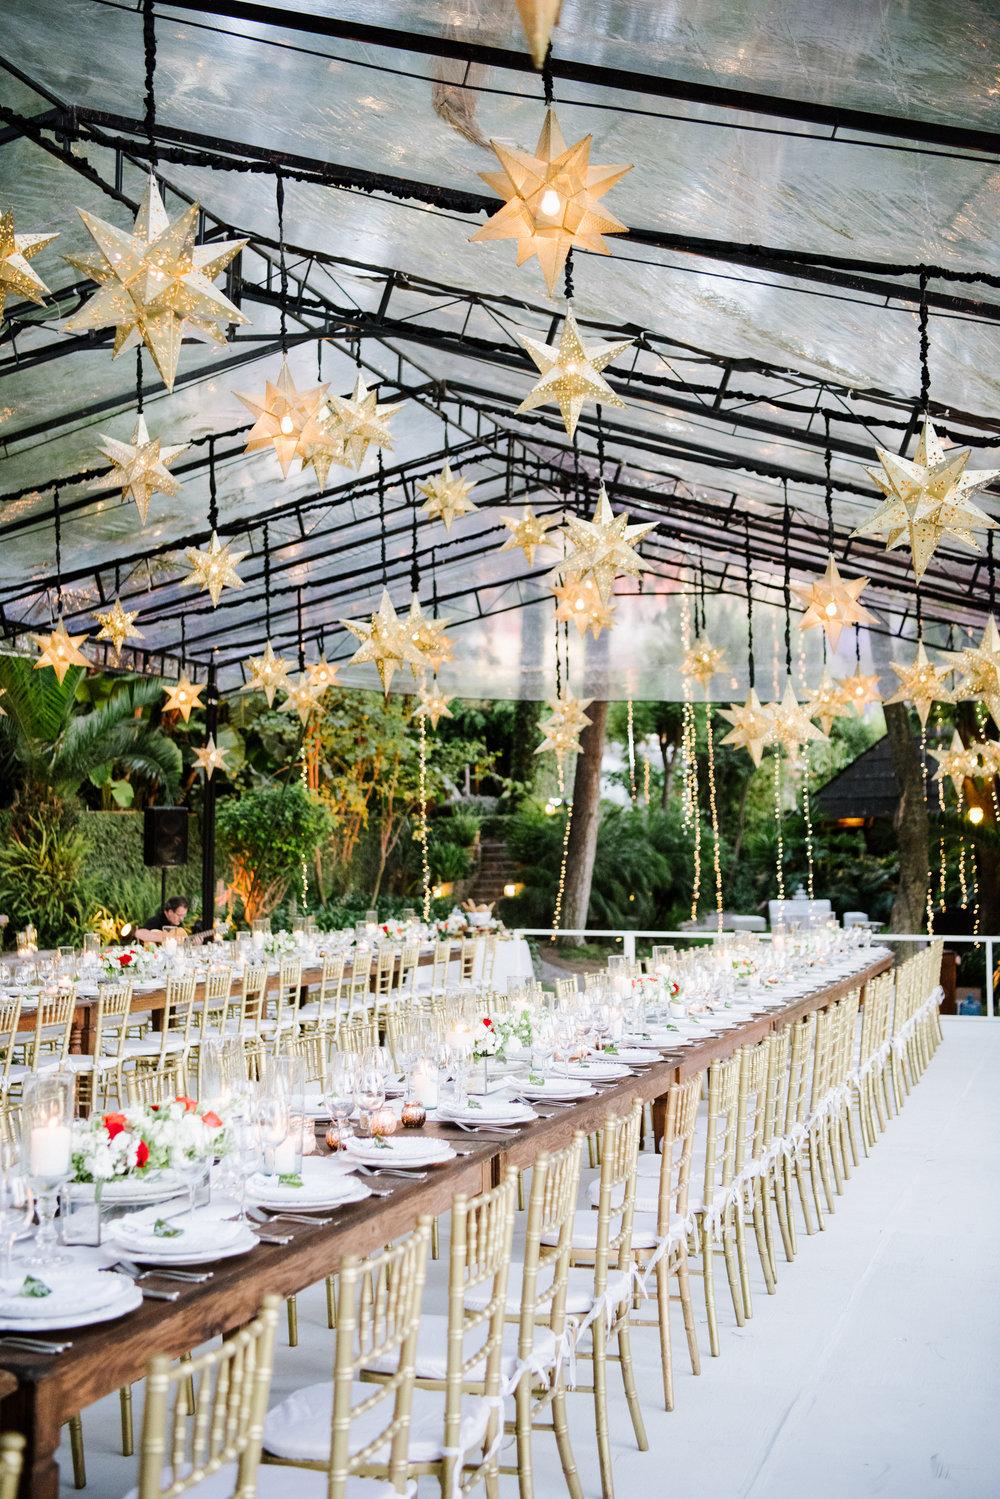 Sylvie-Gil-film-destination-wedding-photography-mexico-san-miguel-de-allende-colorful-romantic-dinner-details